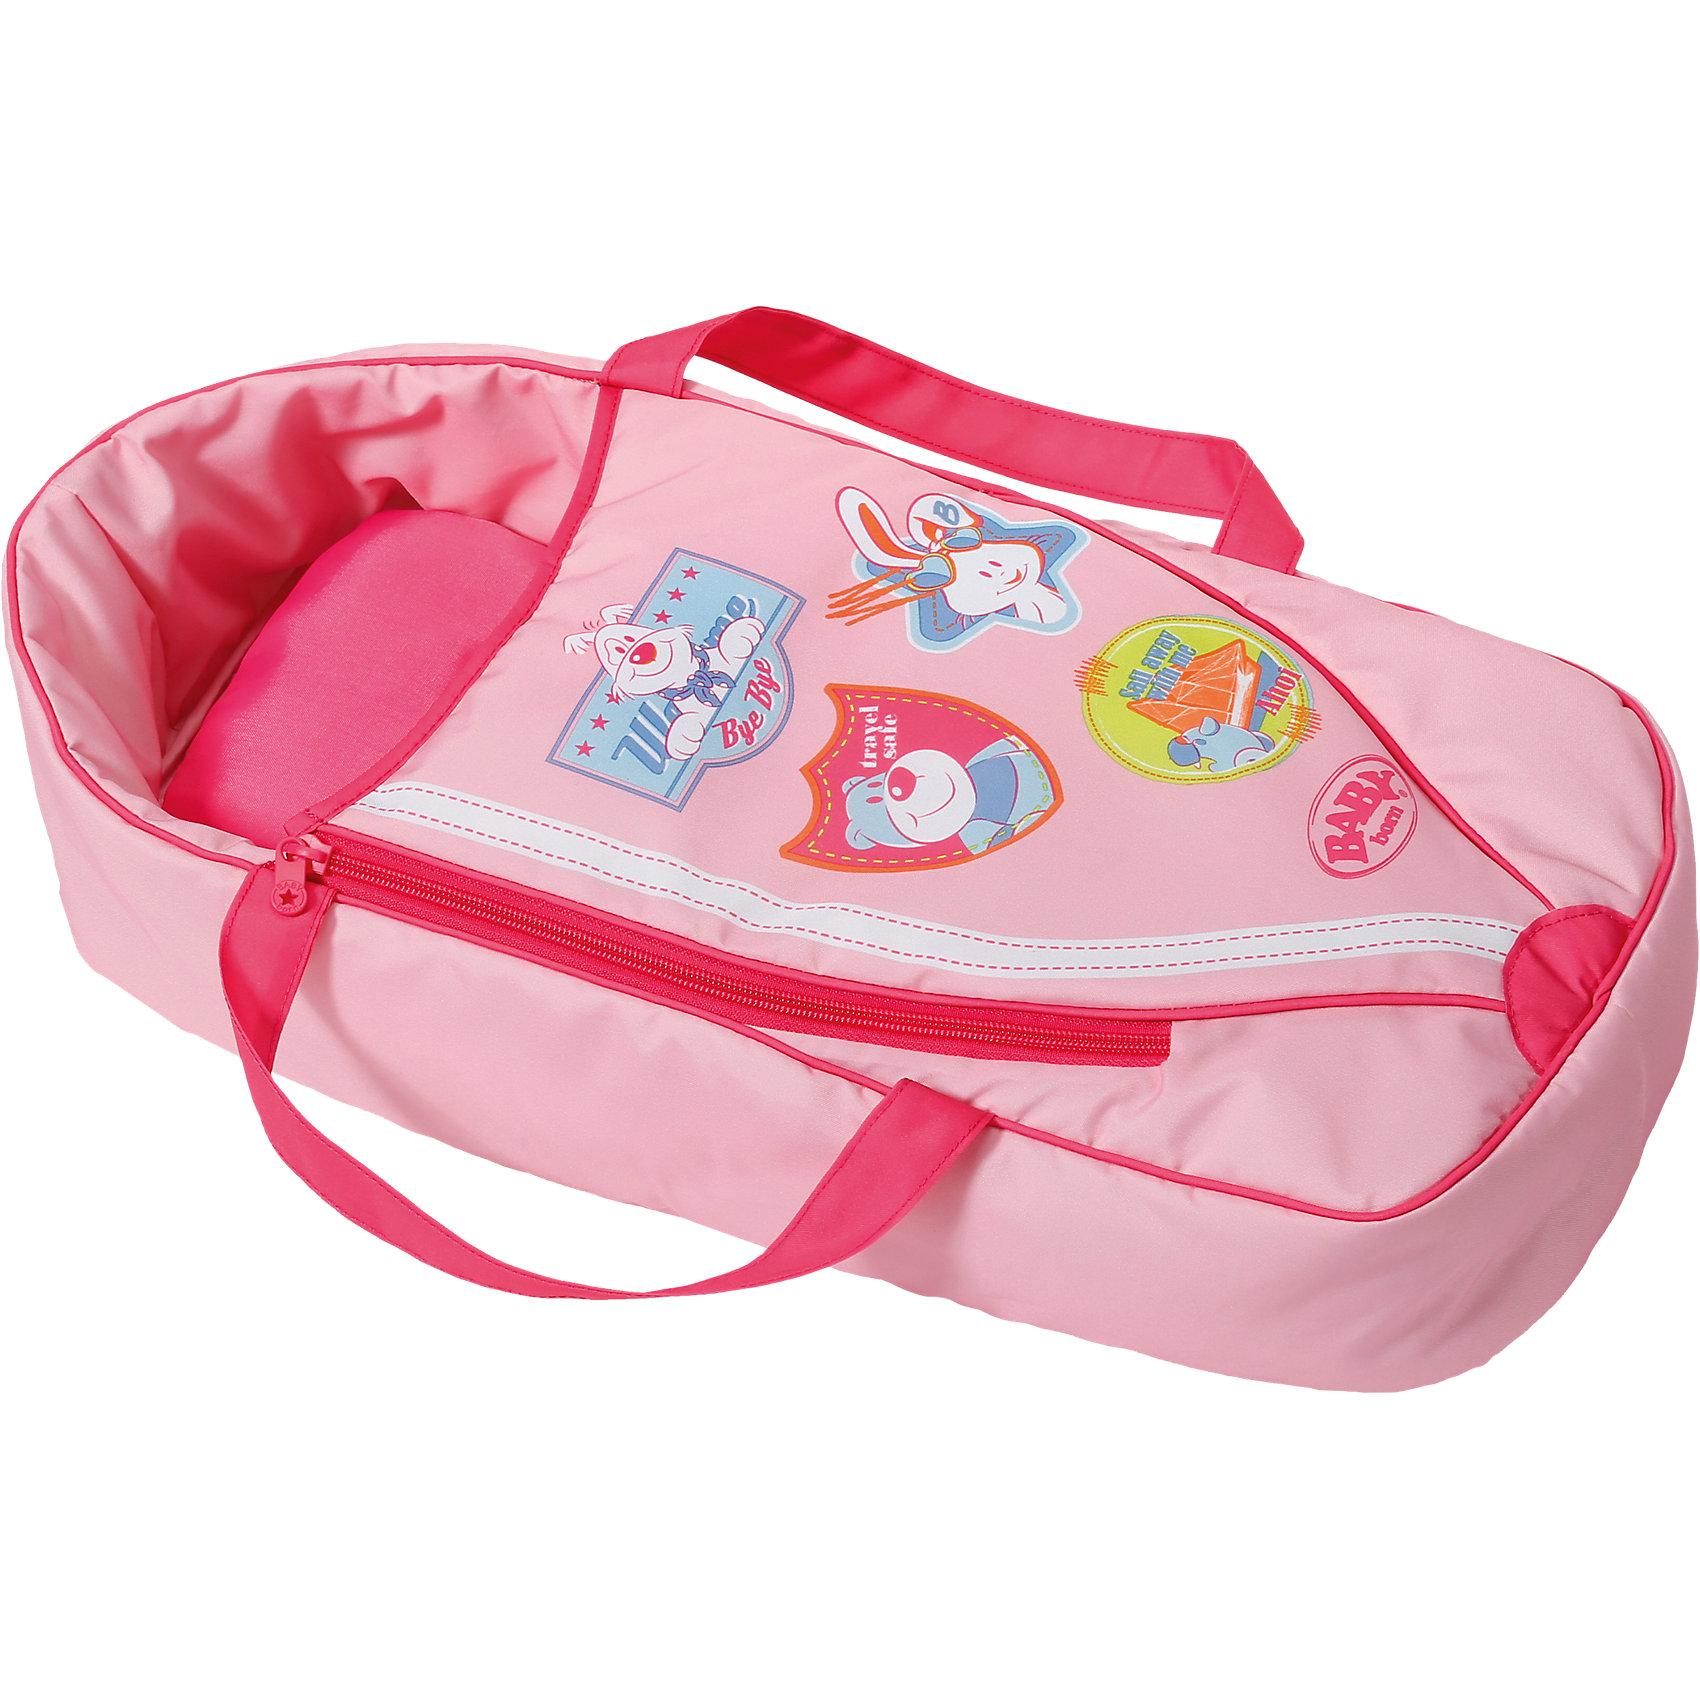 Спальный мешок, BABY bornСтильный розовый спальный мешок подойдёт для куколки BABY born или Baby Annabell. В таком спальном мешке всегда будет уютно и тепло. У мешка есть удобные широкие ручки, благодаря которым его можно использовать как переноску и брать любимую куклу с собой на прогулку.<br><br>Ширина мм: 493<br>Глубина мм: 233<br>Высота мм: 107<br>Вес г: 363<br>Возраст от месяцев: 36<br>Возраст до месяцев: 60<br>Пол: Женский<br>Возраст: Детский<br>SKU: 4319356